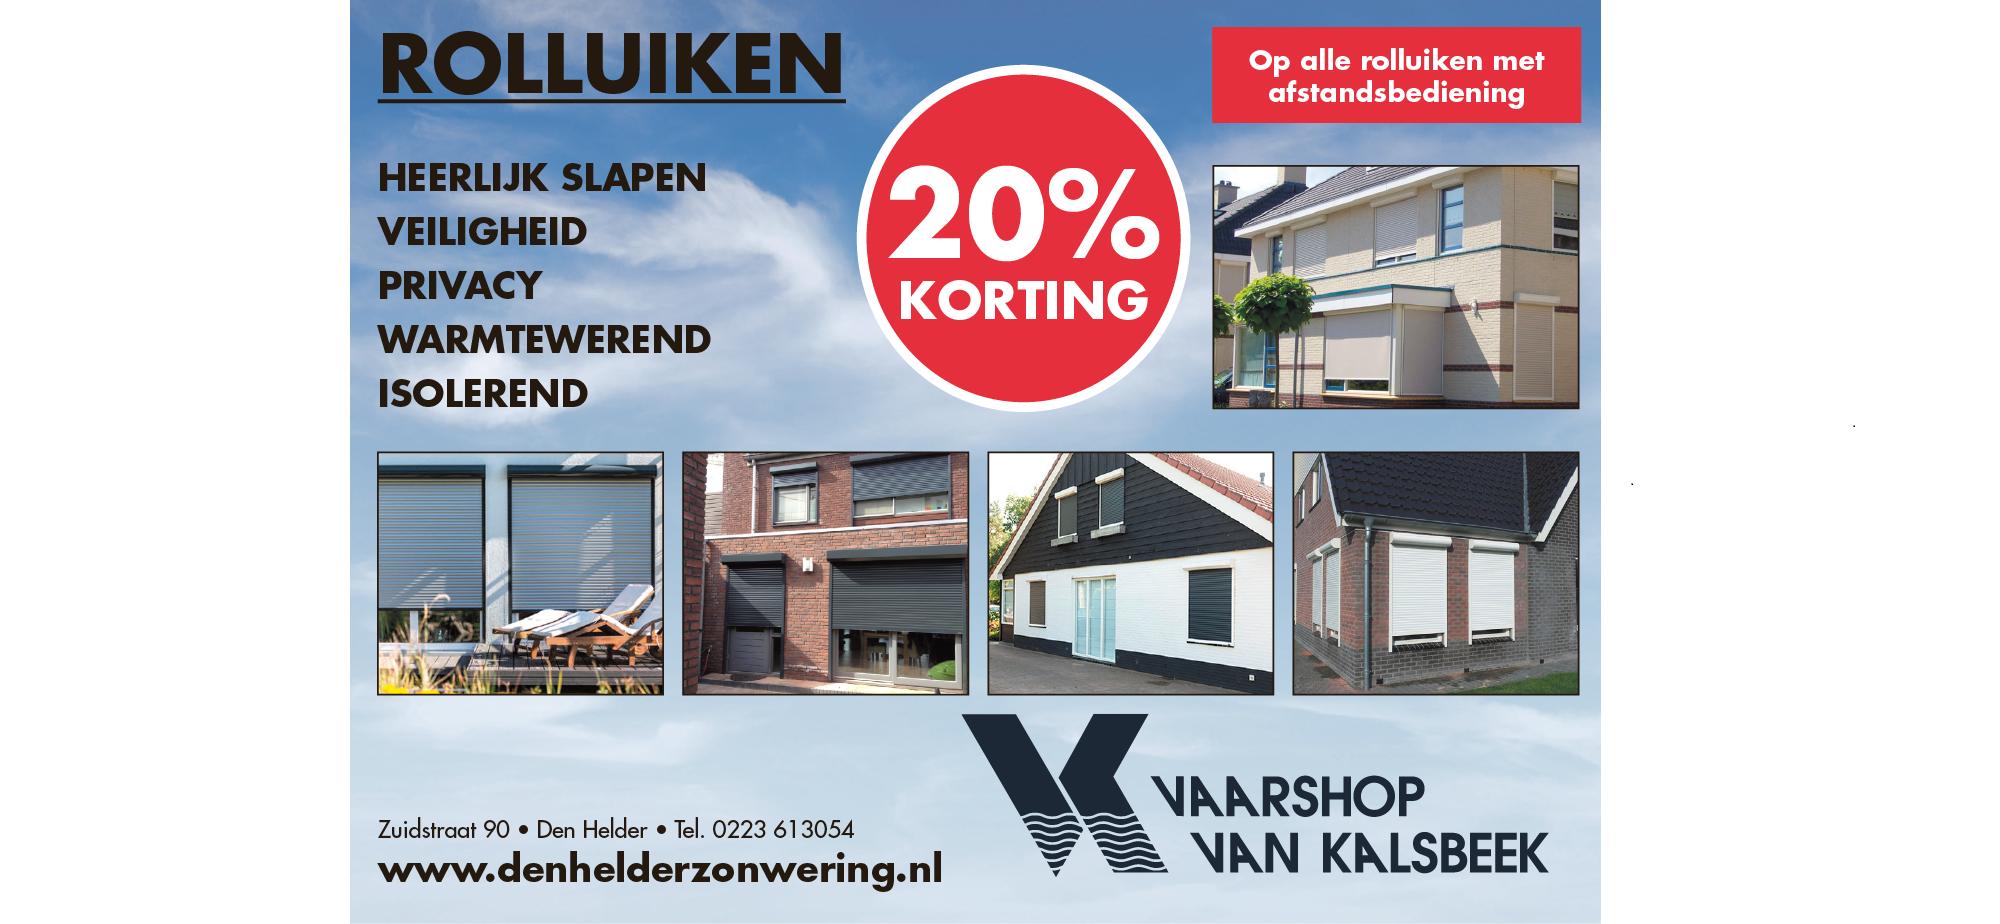 vaarshop-van-kalsbeek